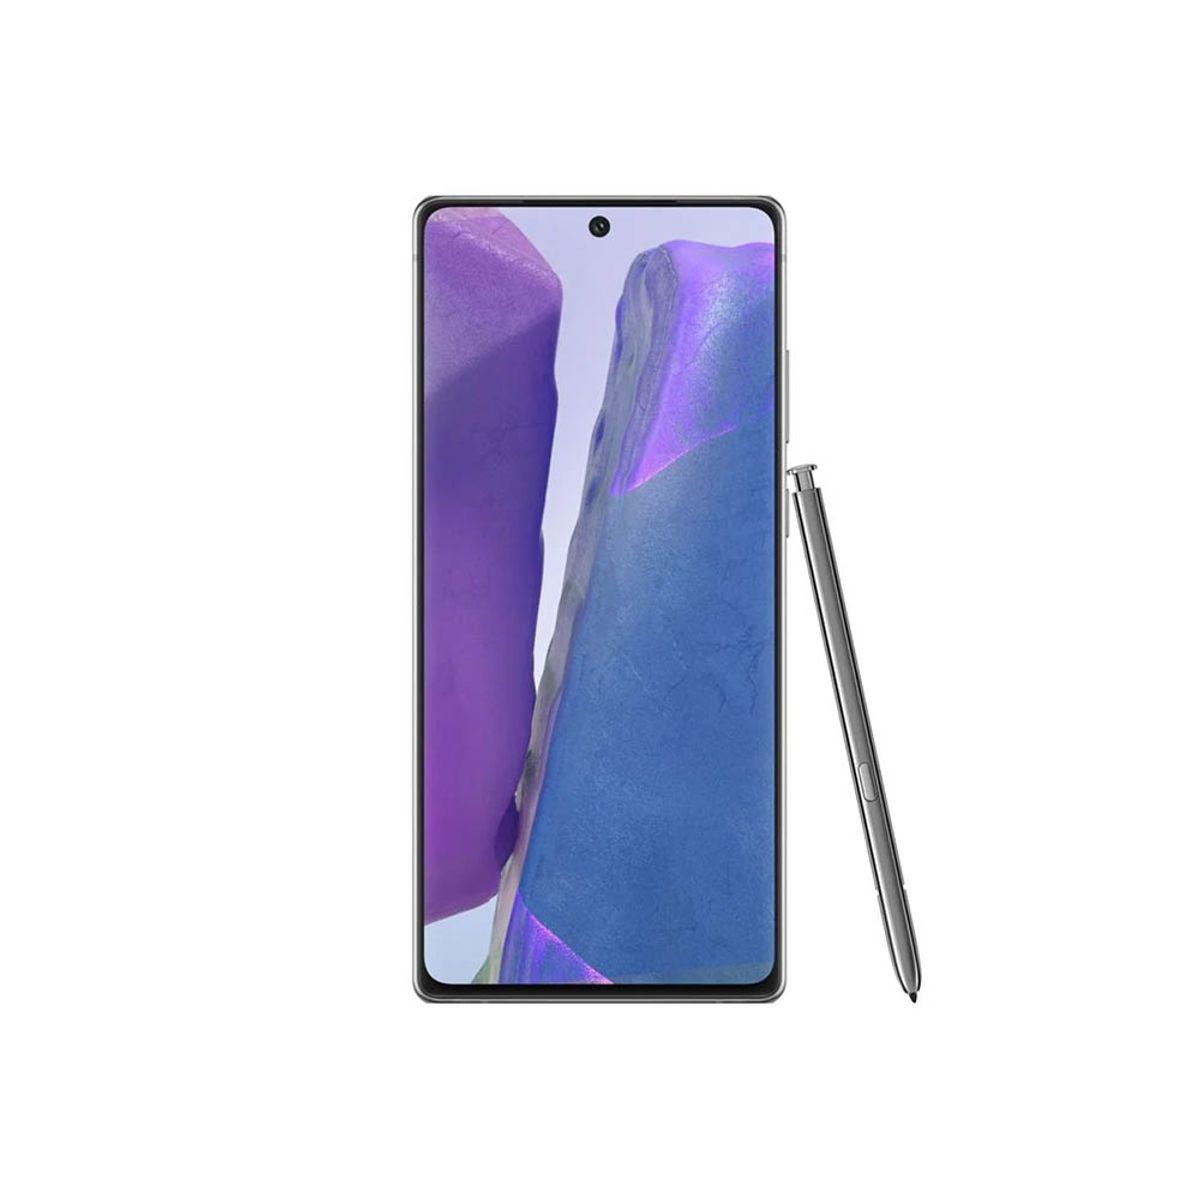 N980FDSGRY